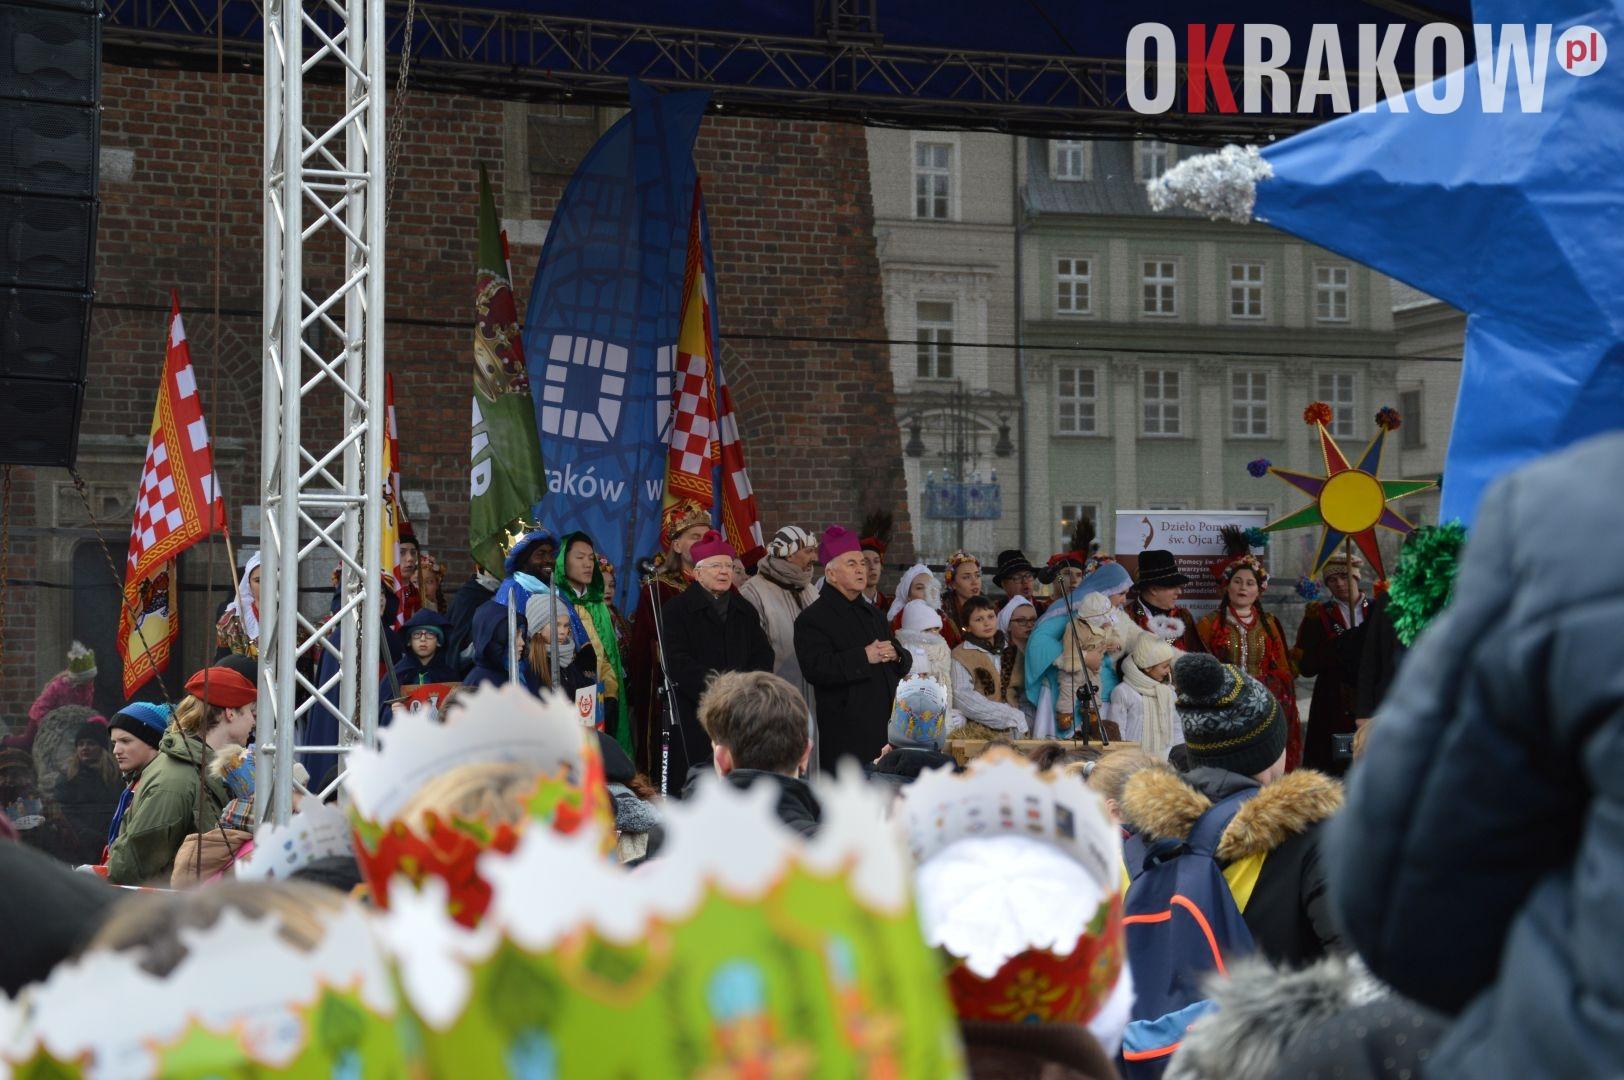 orszak 65 1 150x150 - Orszak Trzech Króli Kraków 2020 Galeria Zdjęć z Orszaku (czerwonego)